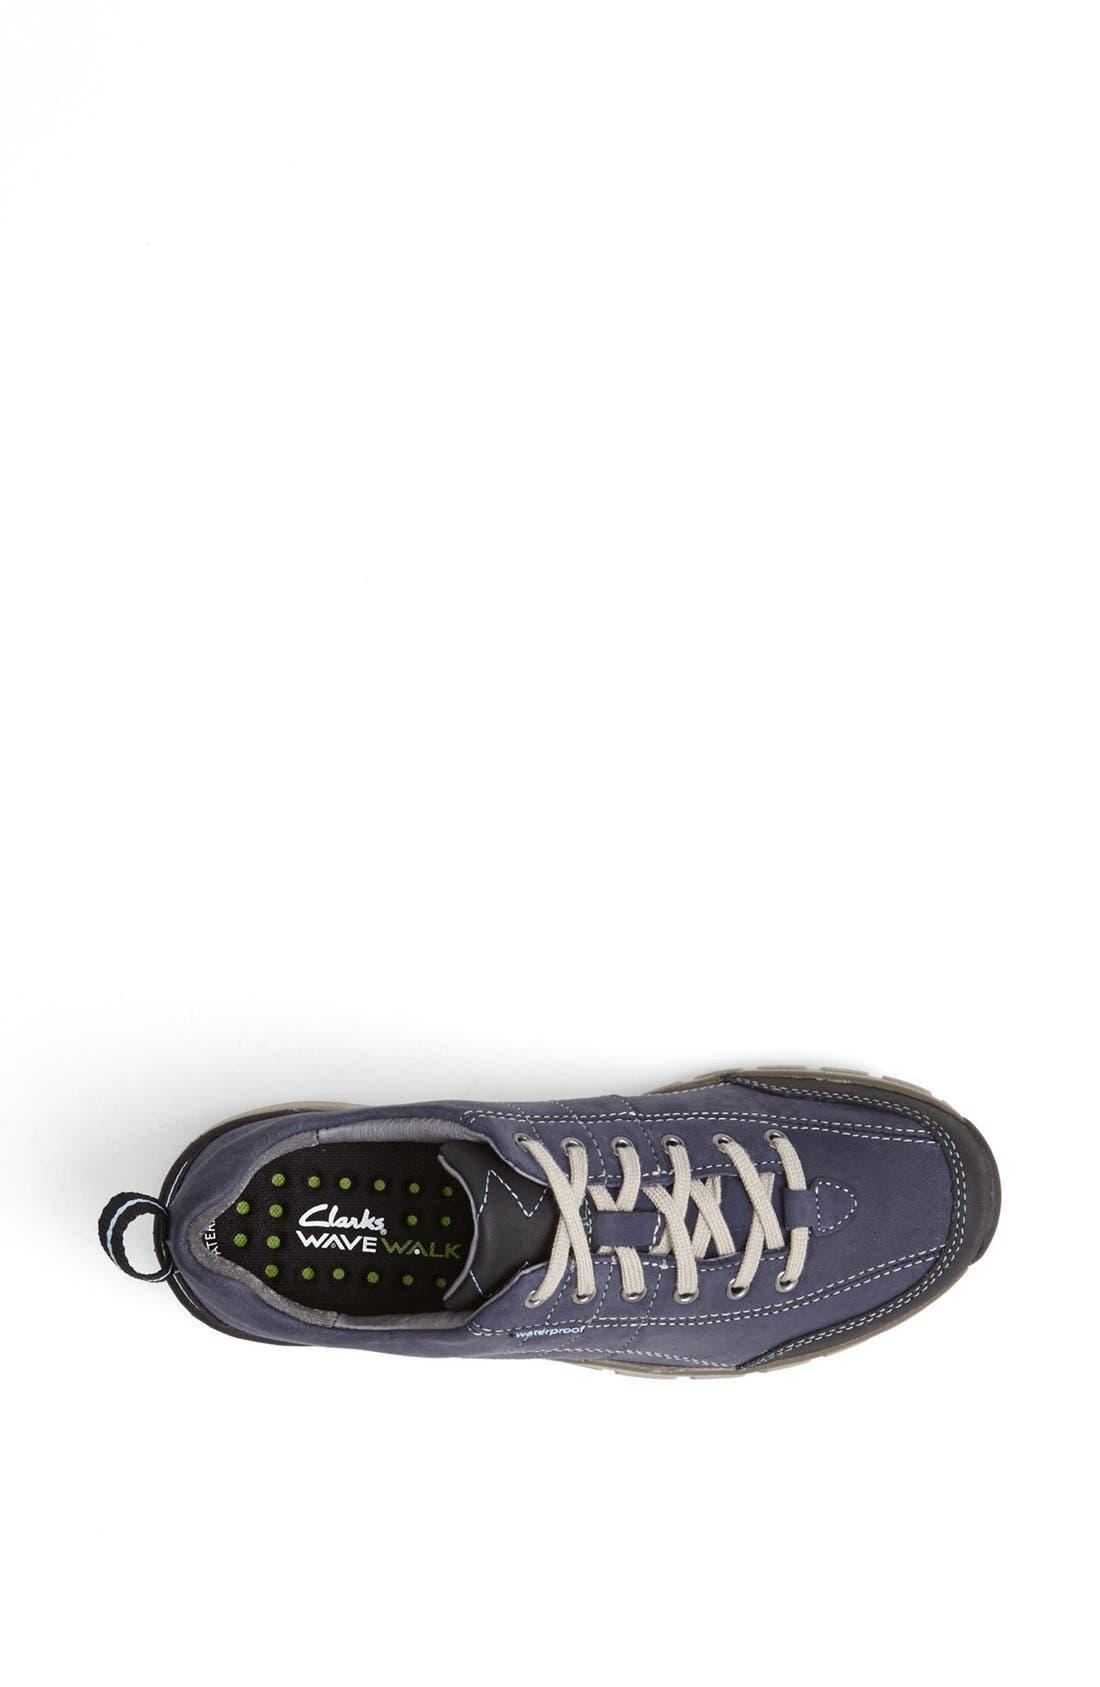 Alternate Image 3  - Clarks® 'Wave Trek' Waterproof Sneaker